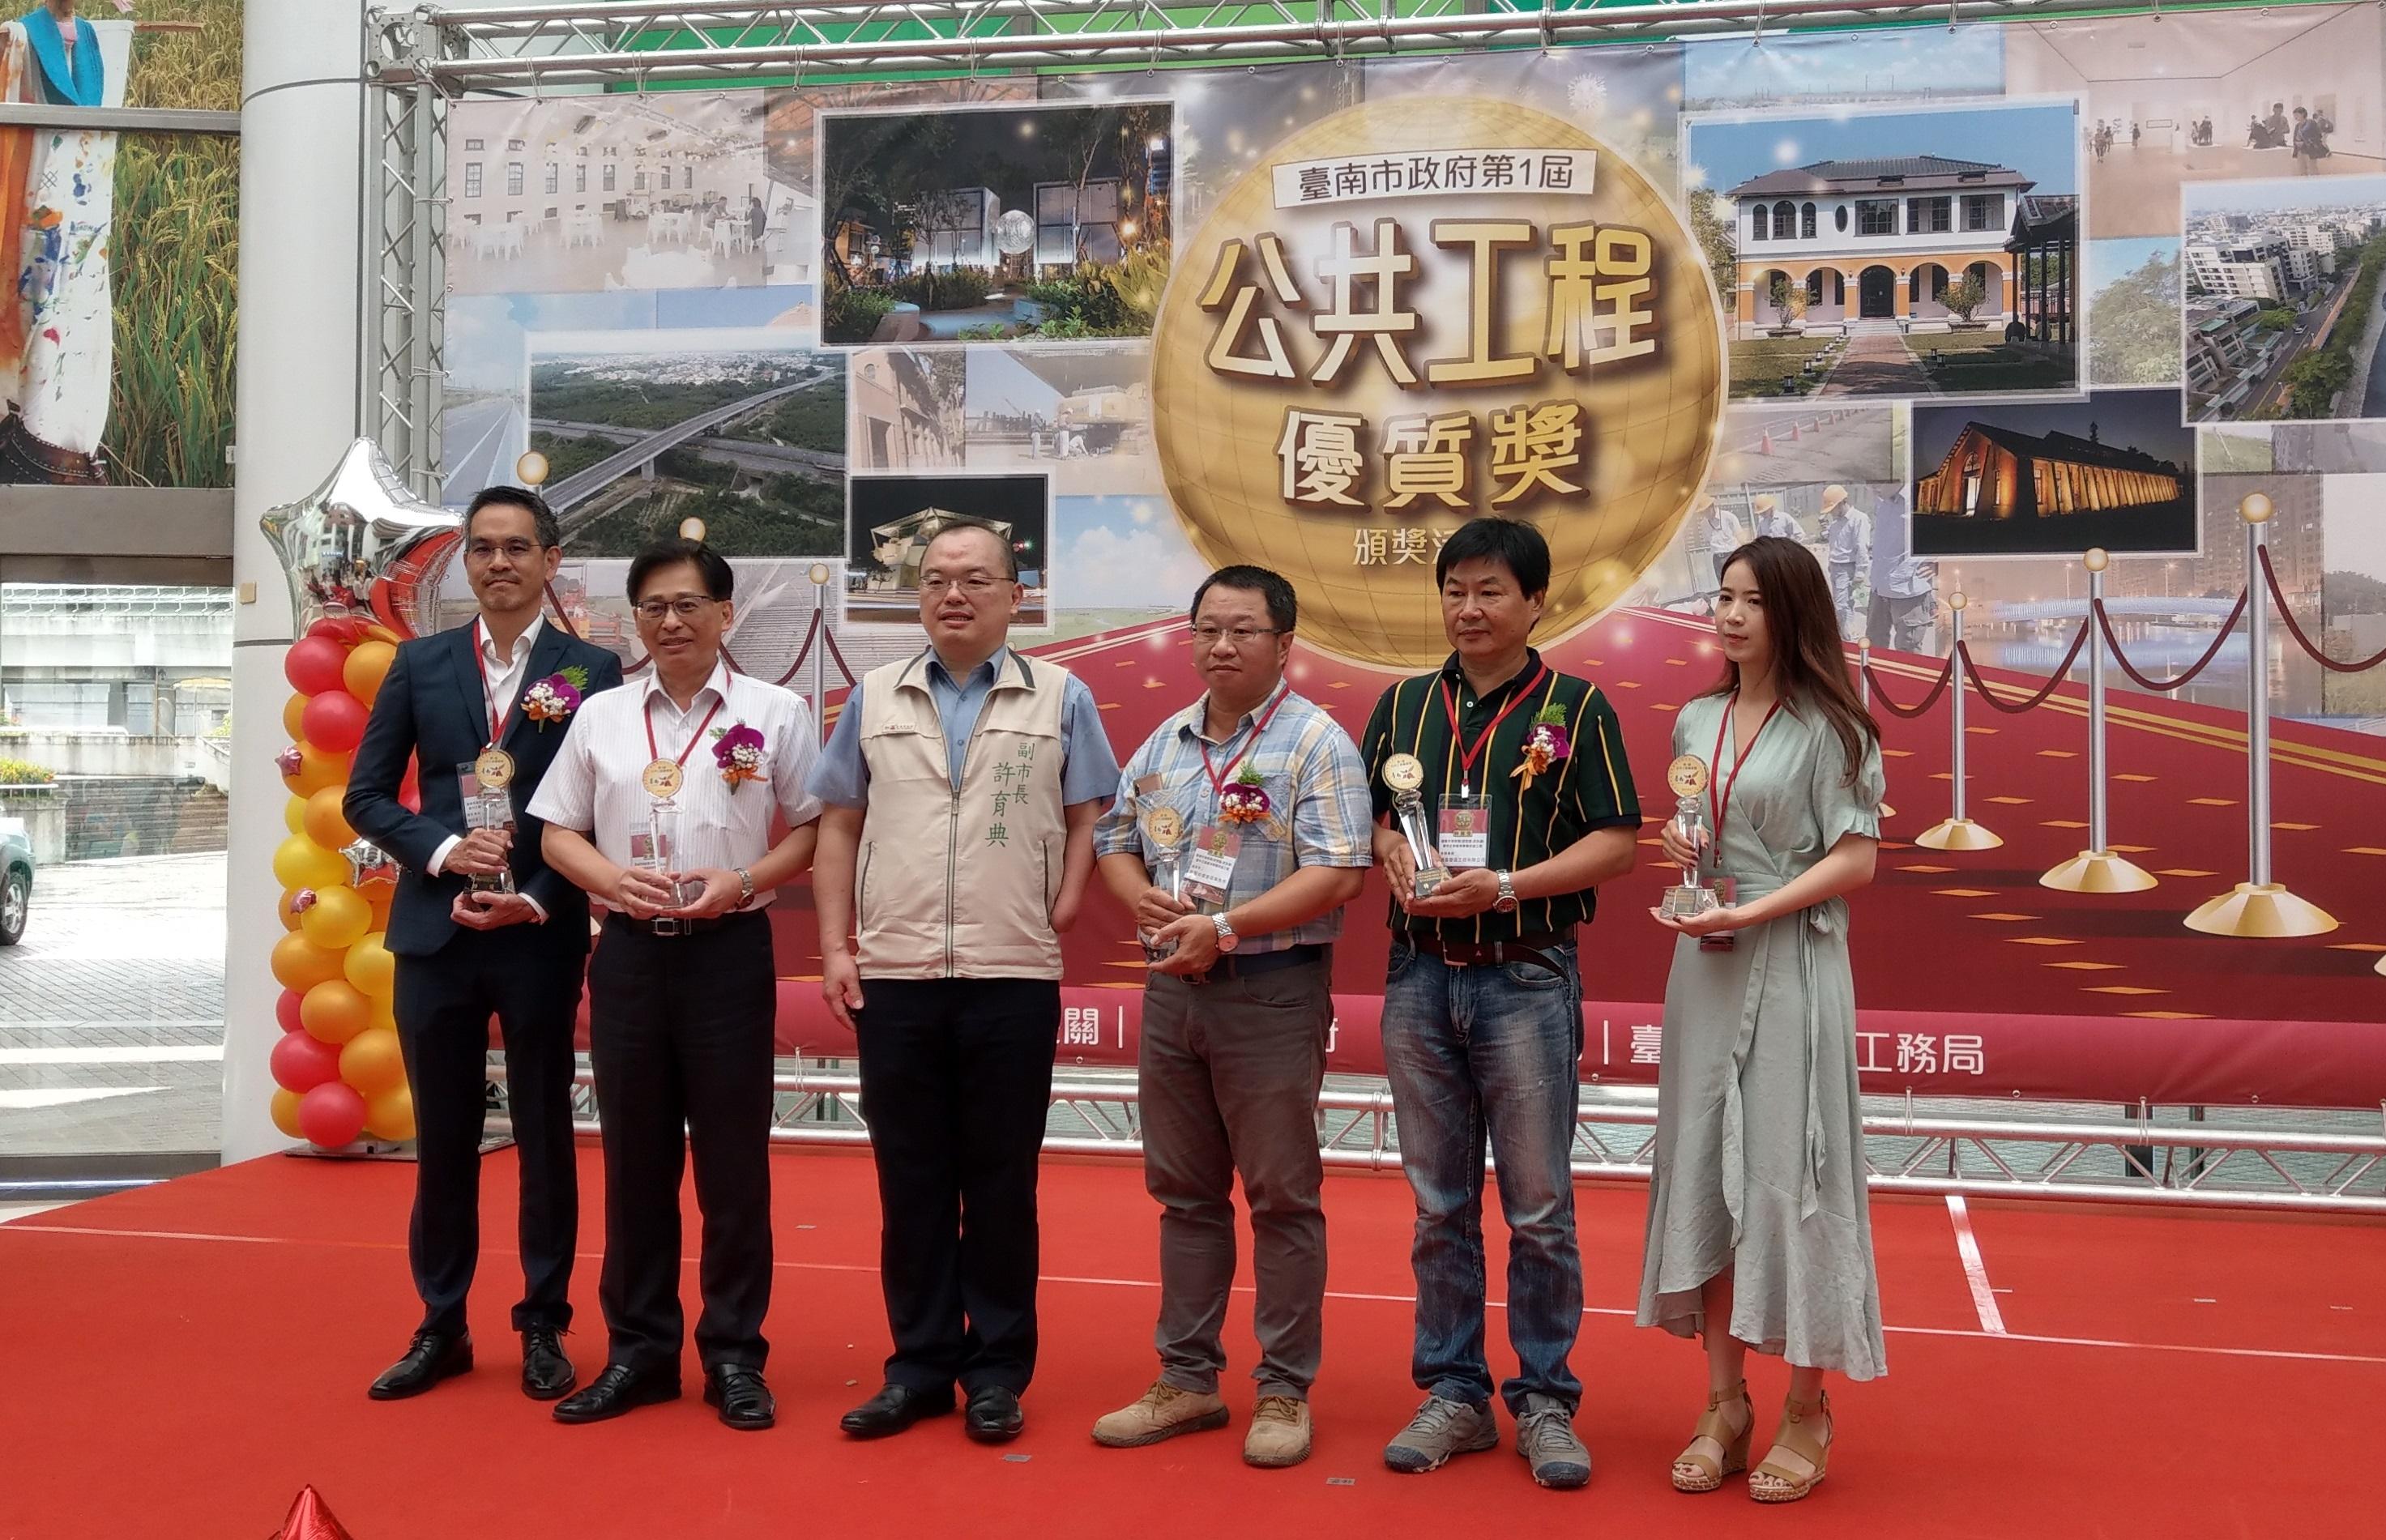 海安路景觀改造工程獲「臺南市政府第1屆公共工程優質獎」特優頒獎